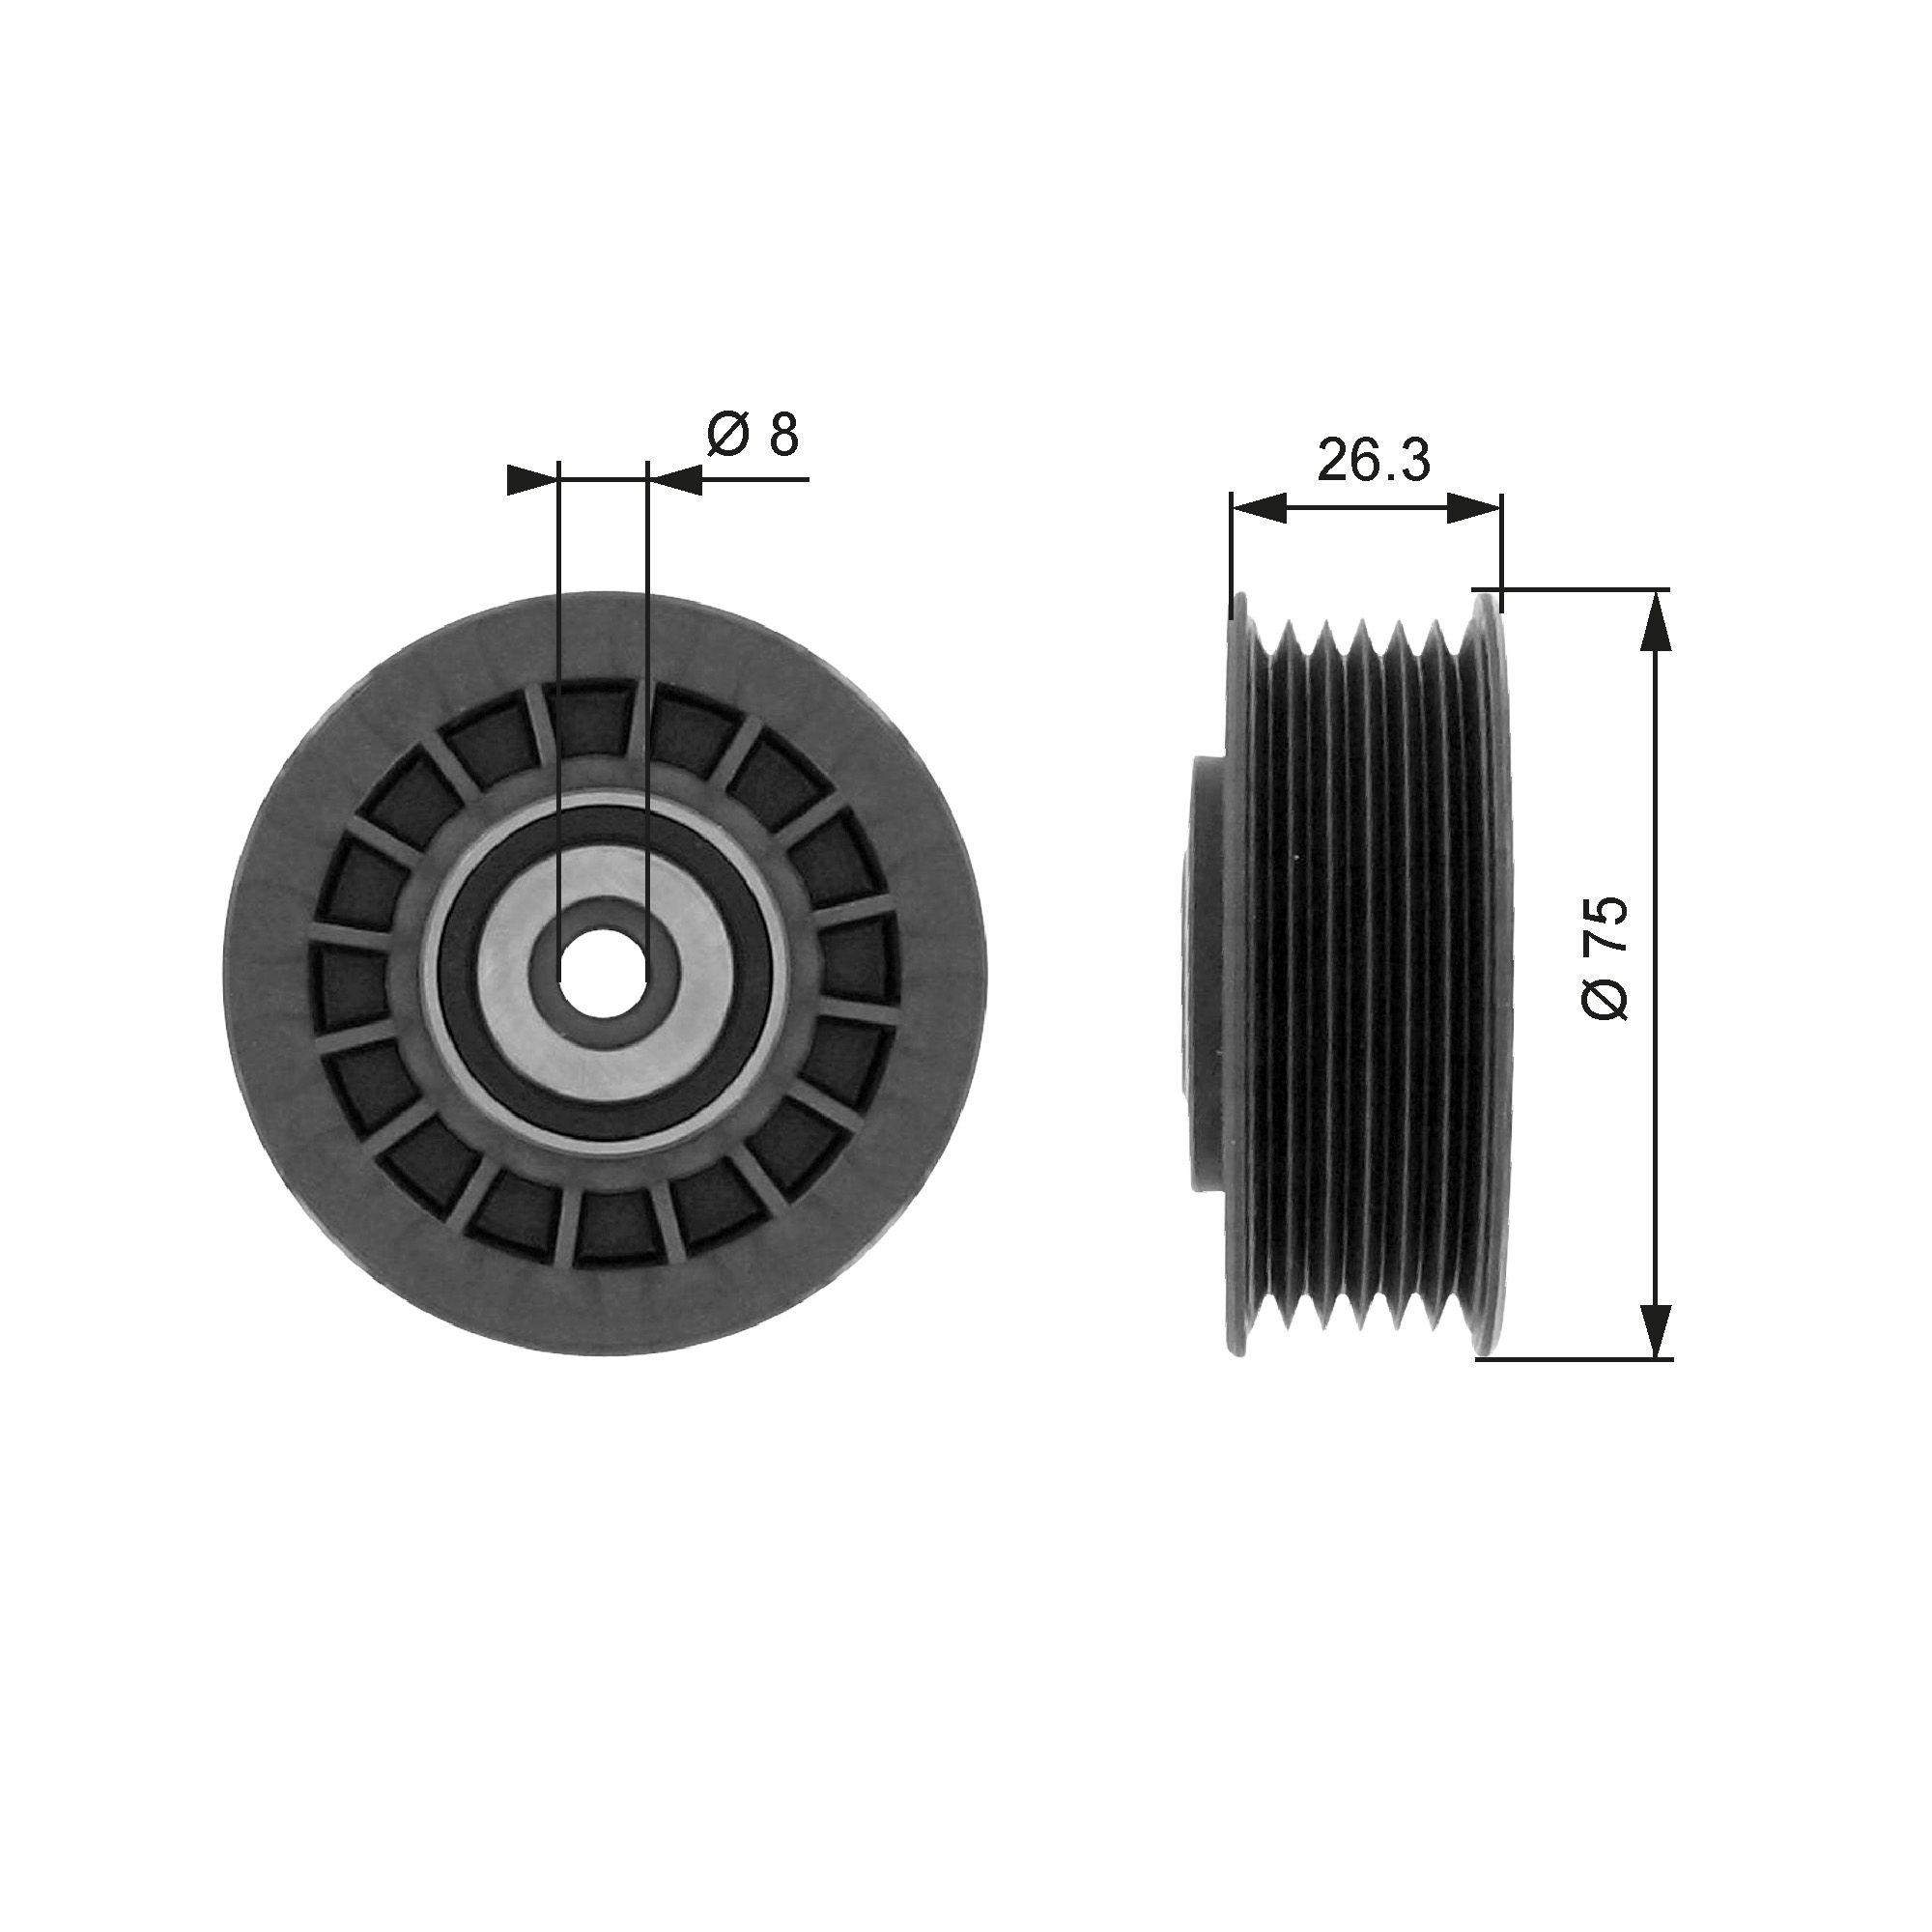 GATES Poulie renvoi / transmission, courroie trapézoïdale à nervures T38092